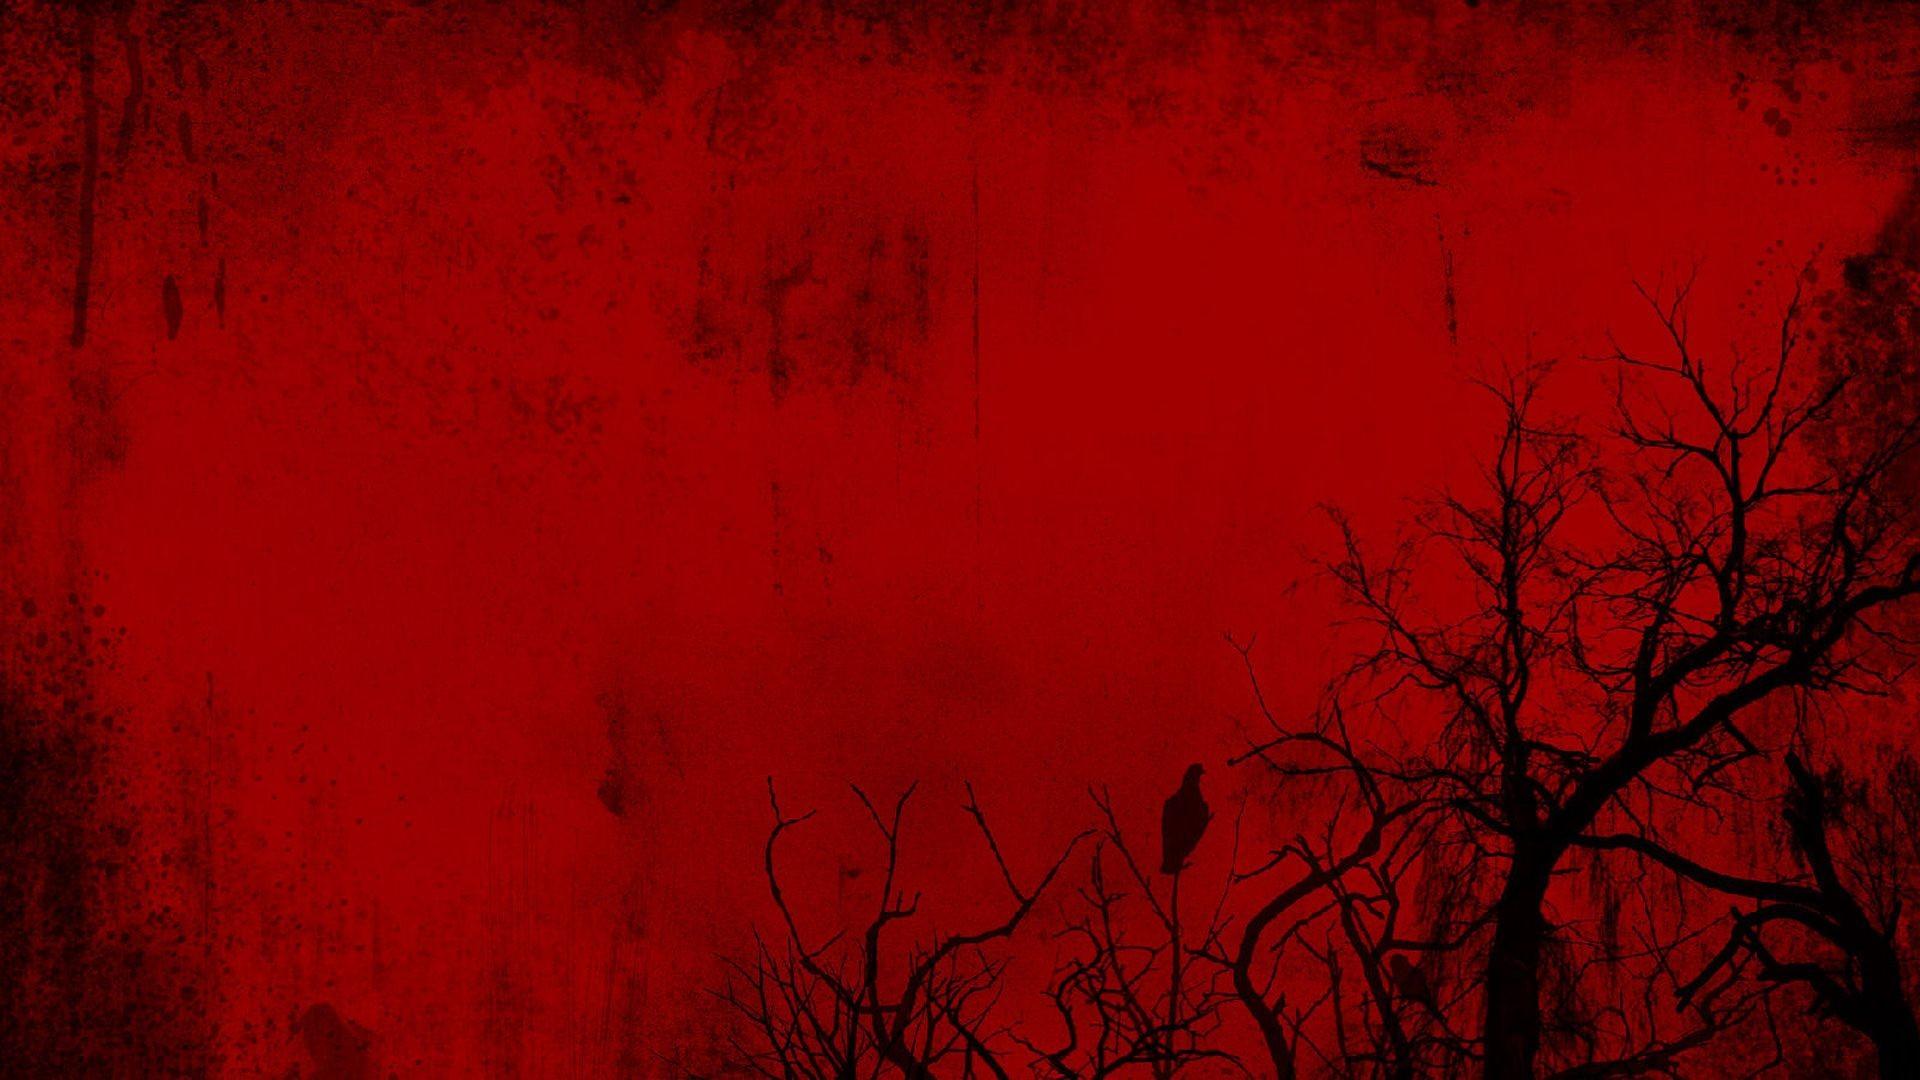 デスクトップ壁紙 木 ミニマリズム 赤 空 テクスチャ 雰囲気